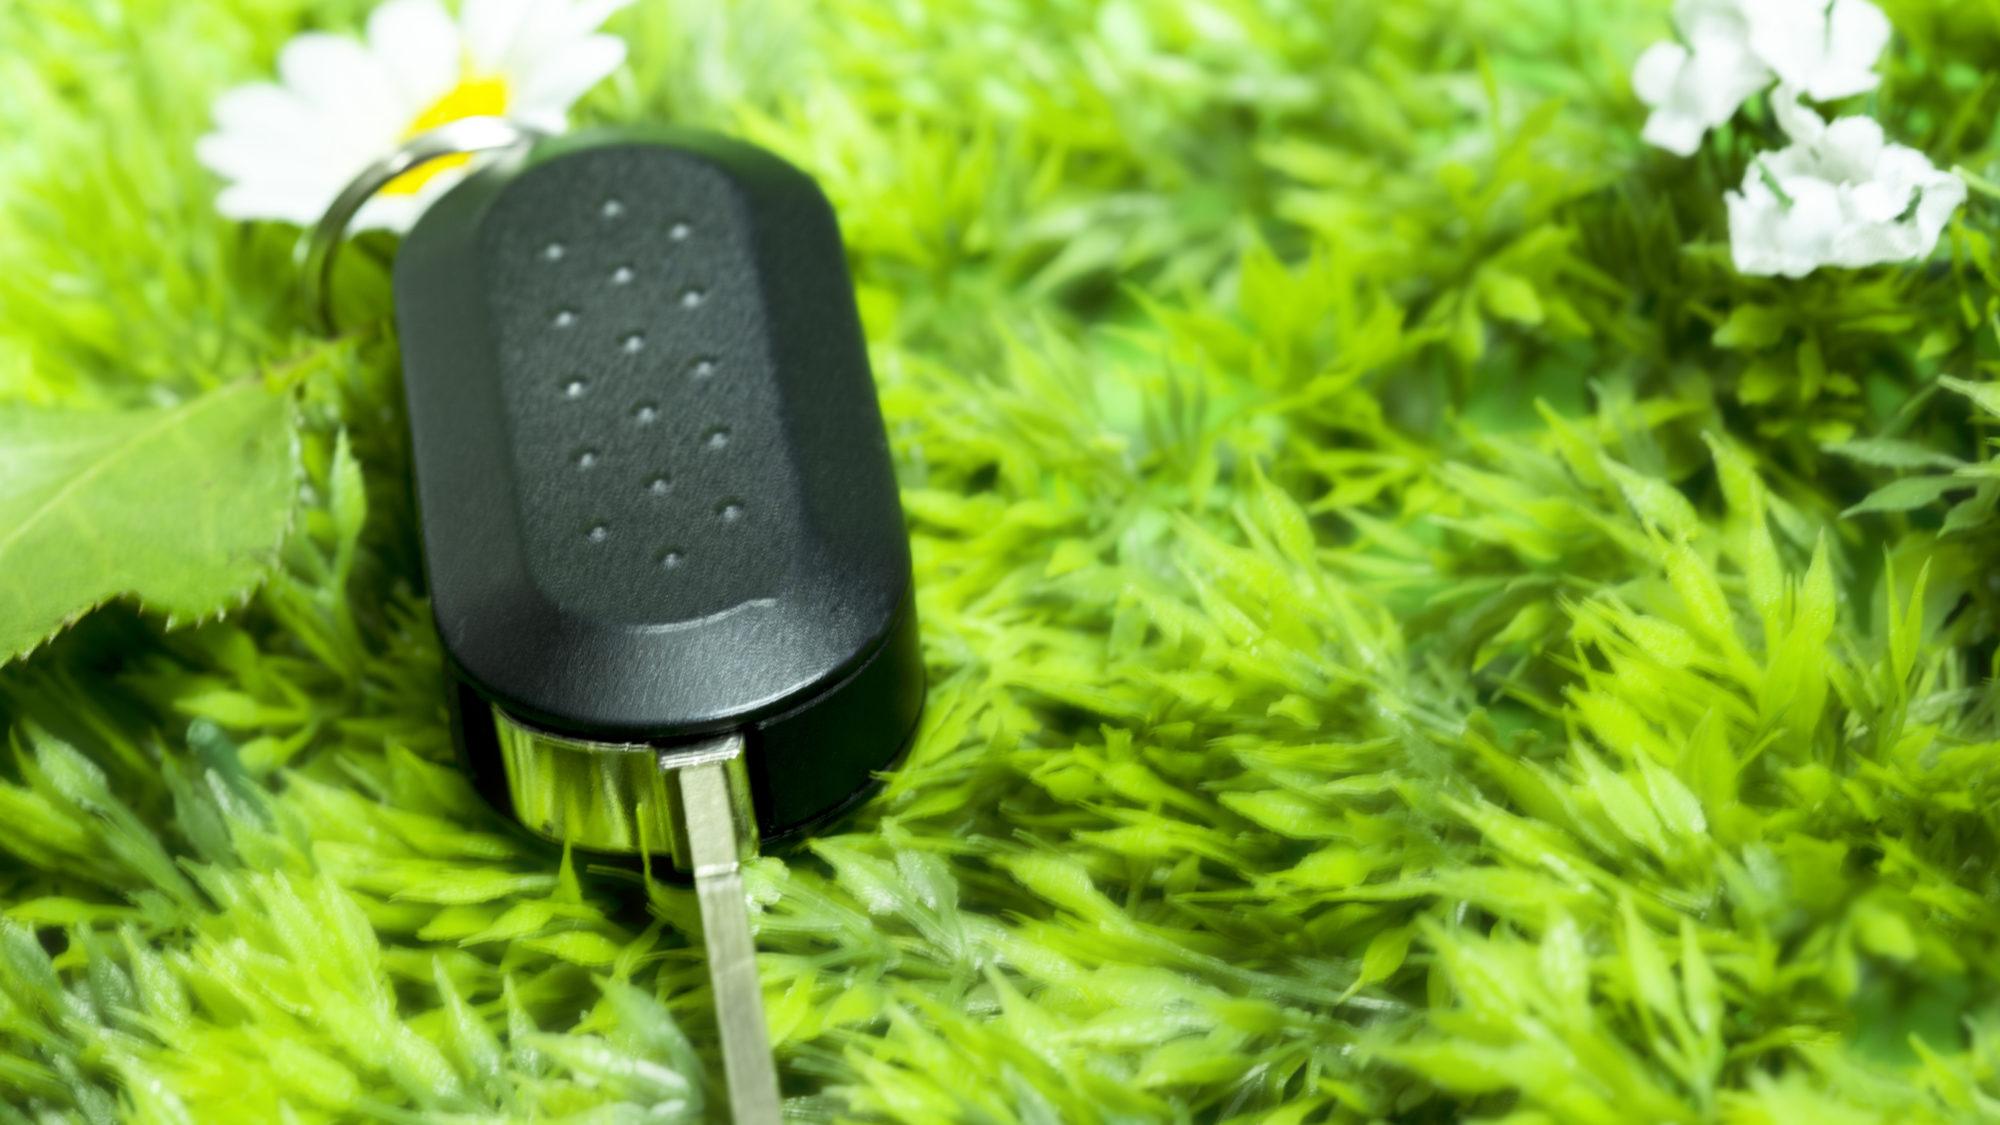 Condução mais verde: dicas para diminuir a pegada ecológica do seu carro